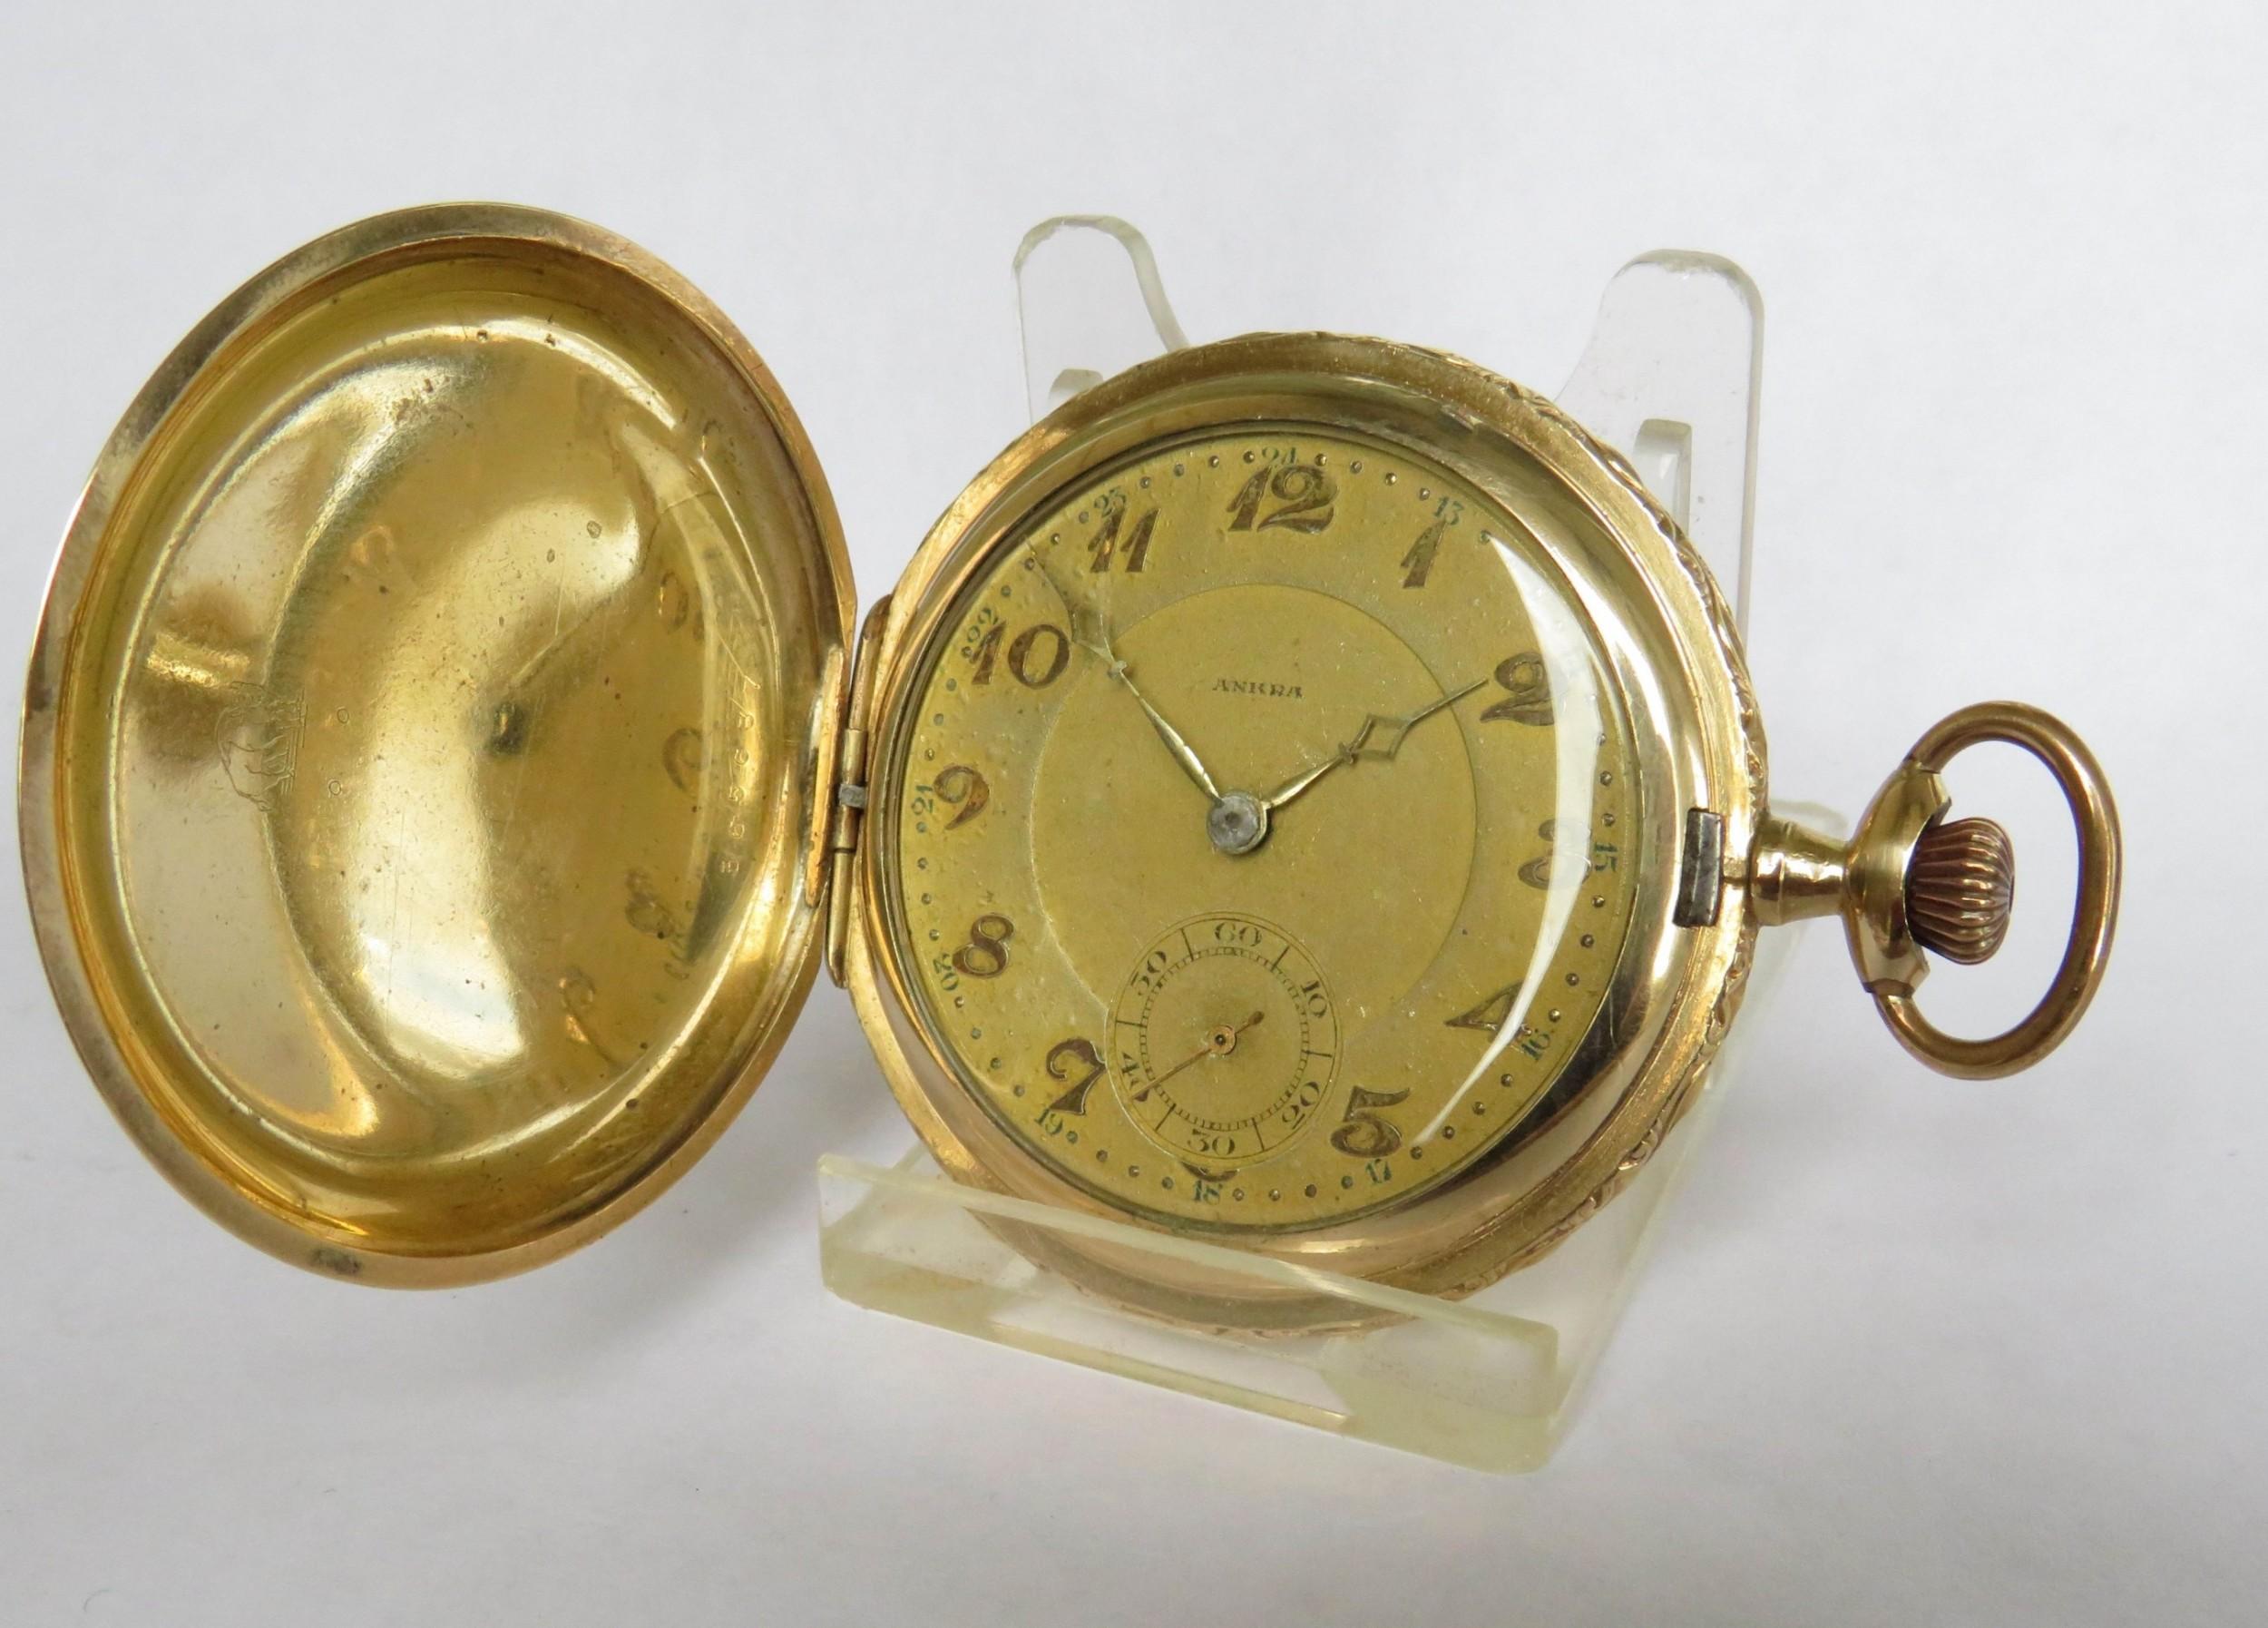 1930s favor full hunter pocket watch